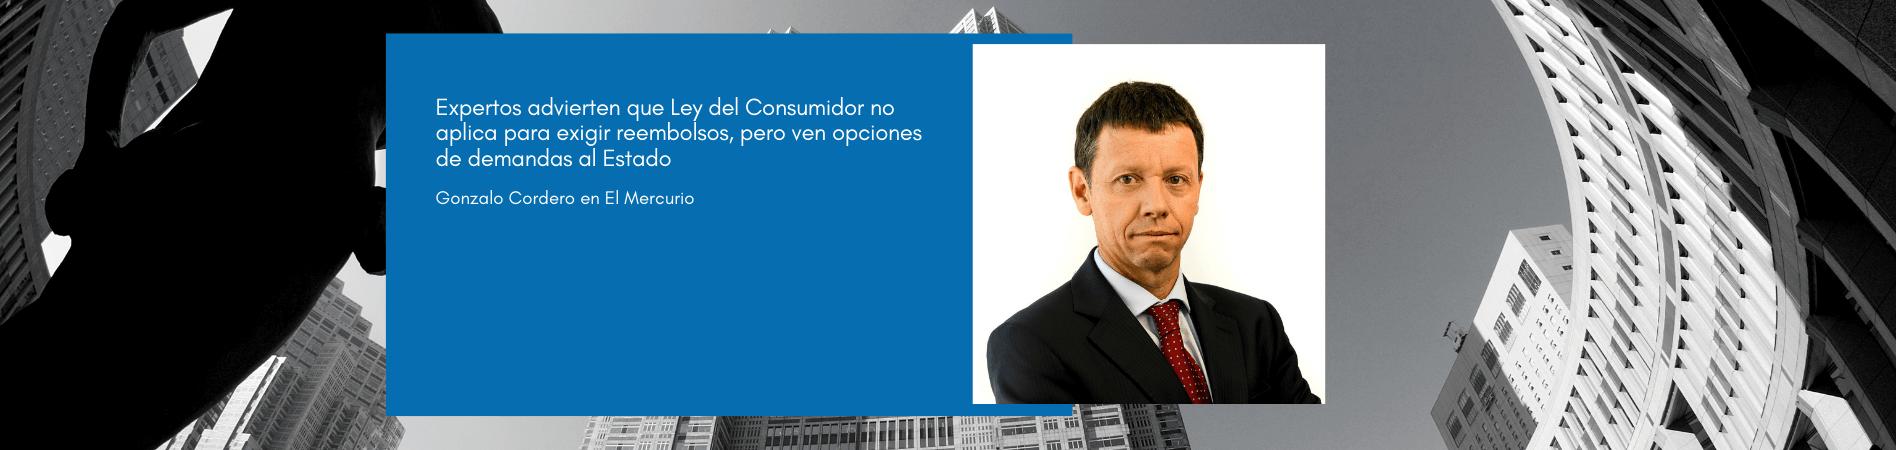 Gonzalo Cordero en El Mercurio por caso de alteración de datos del IPC